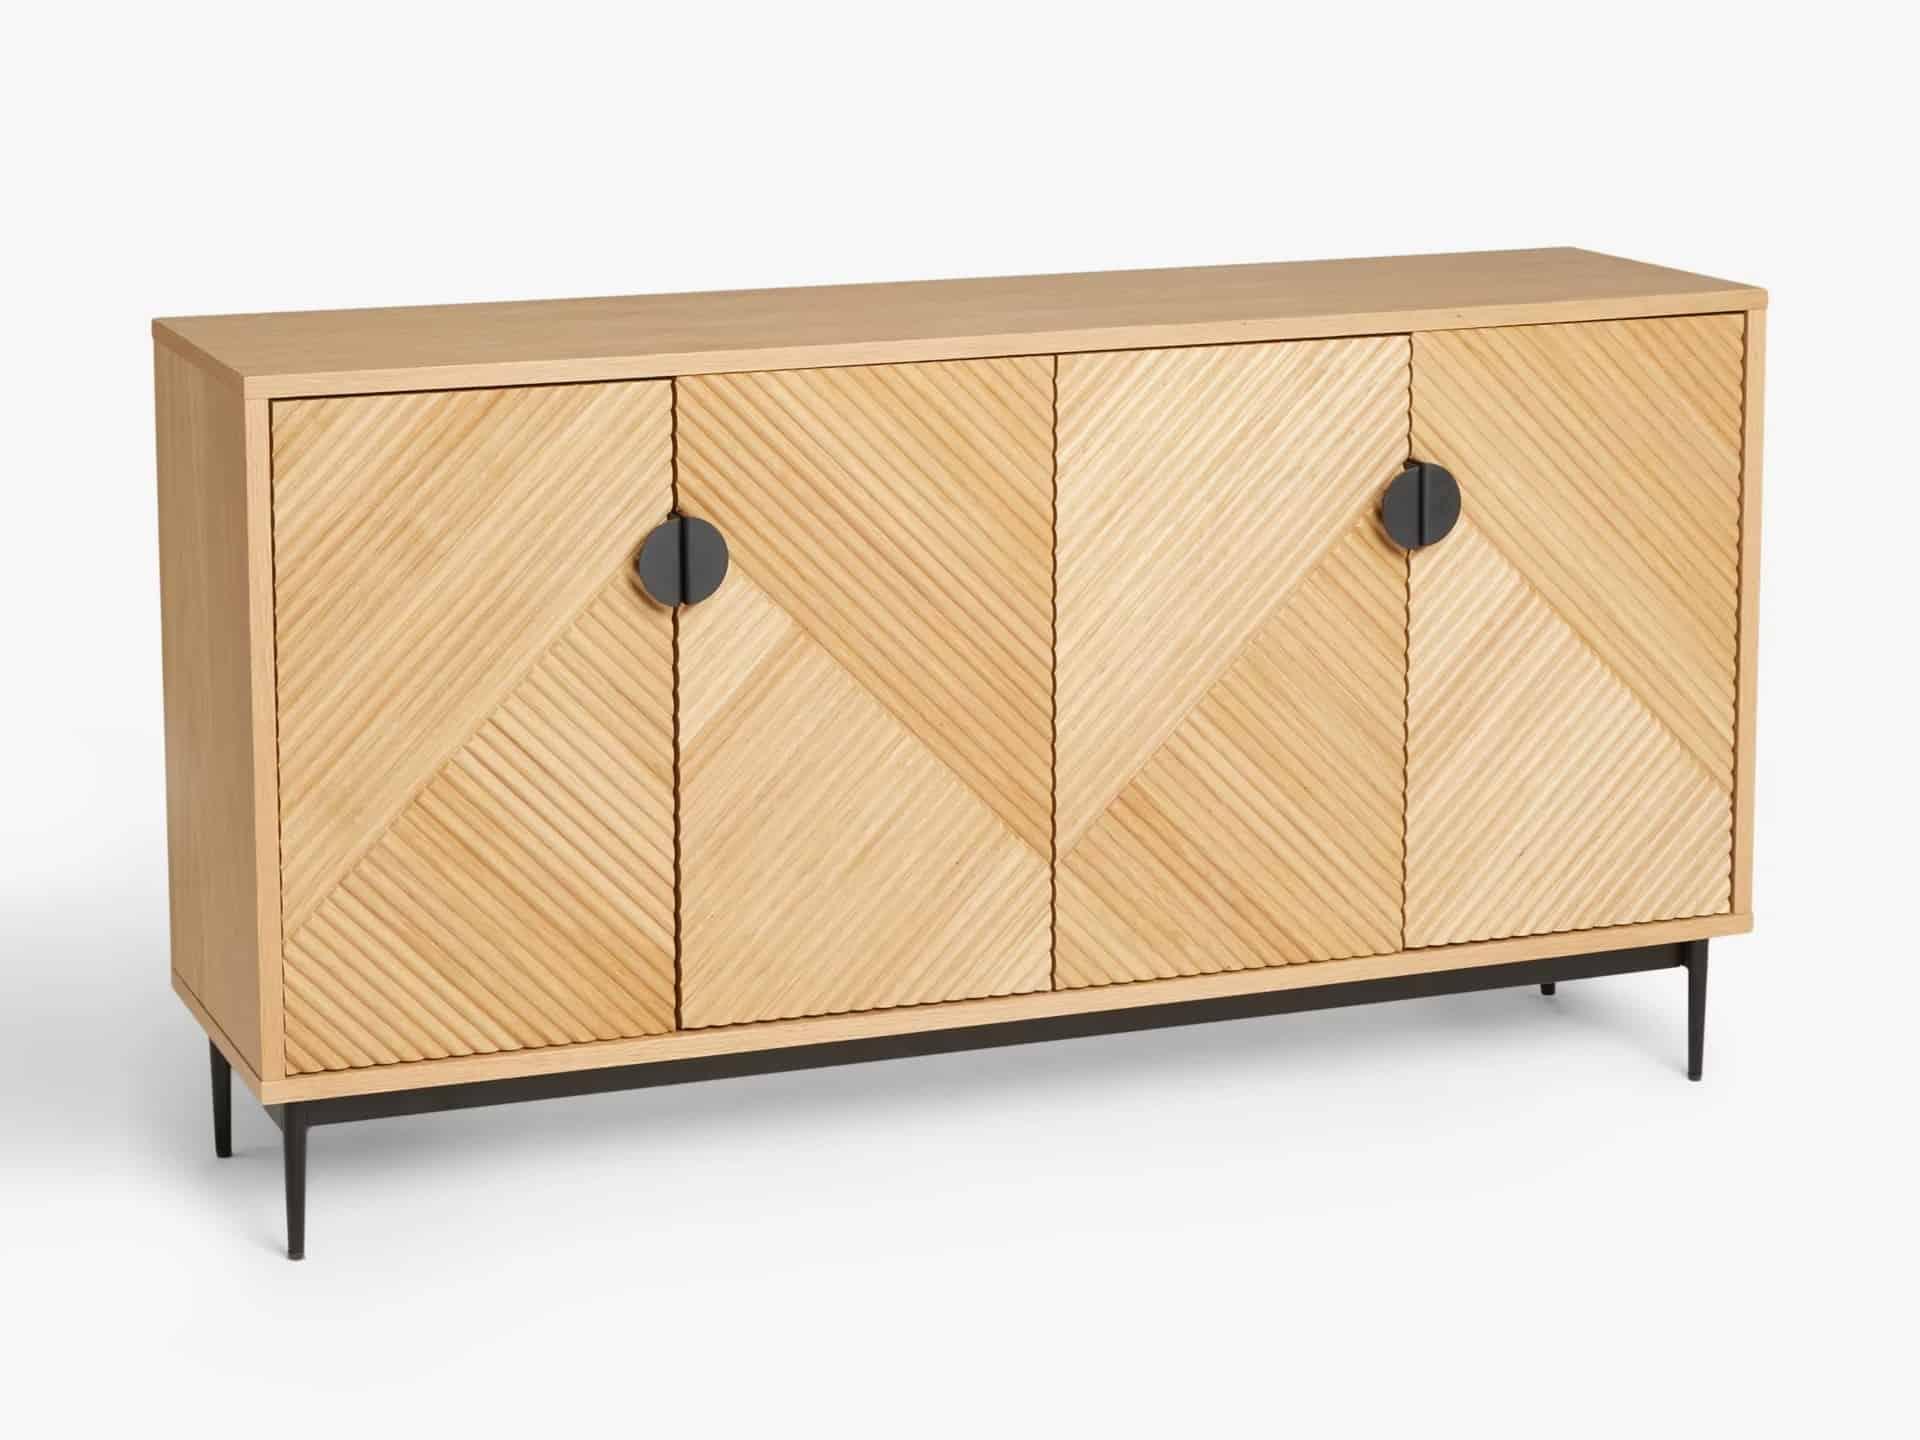 Oak sideboard with ridge-pattern doors